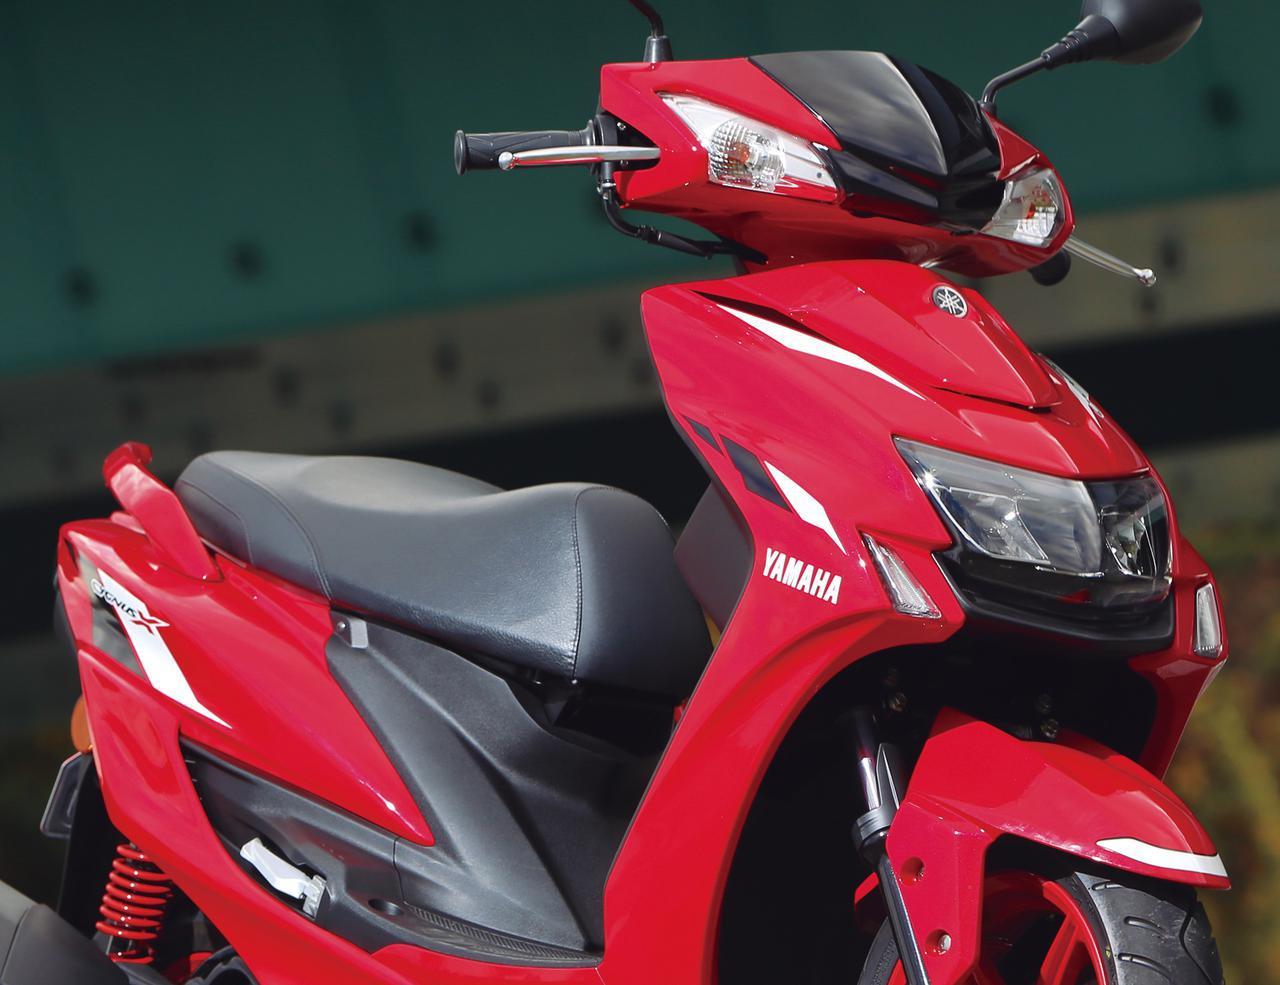 画像: 【インプレ】ヤマハ「シグナスX」125ccロングセラー・スクーターの走行性能と使い勝手をレビュー - webオートバイ